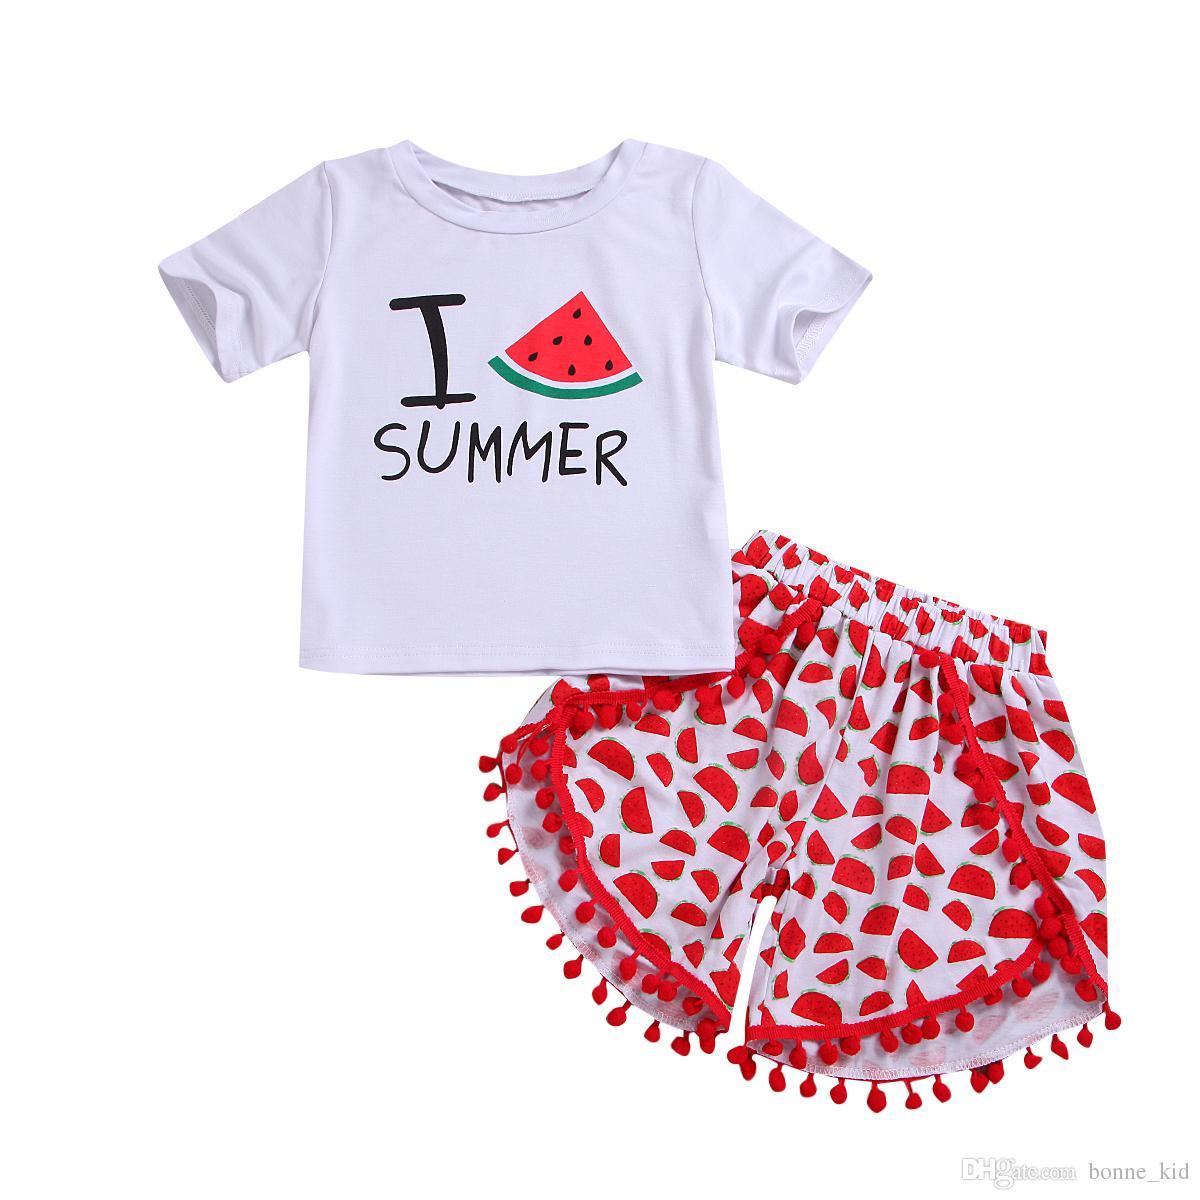 Acquista Abbigliamento Estivo Bambina Da Bambina Completo Da Completo Di  Anguria + Pantaloncini Completo Da Due Pezzi Vestiti Da Bambino Nappato Da  Ragazza ... 328740eef4a